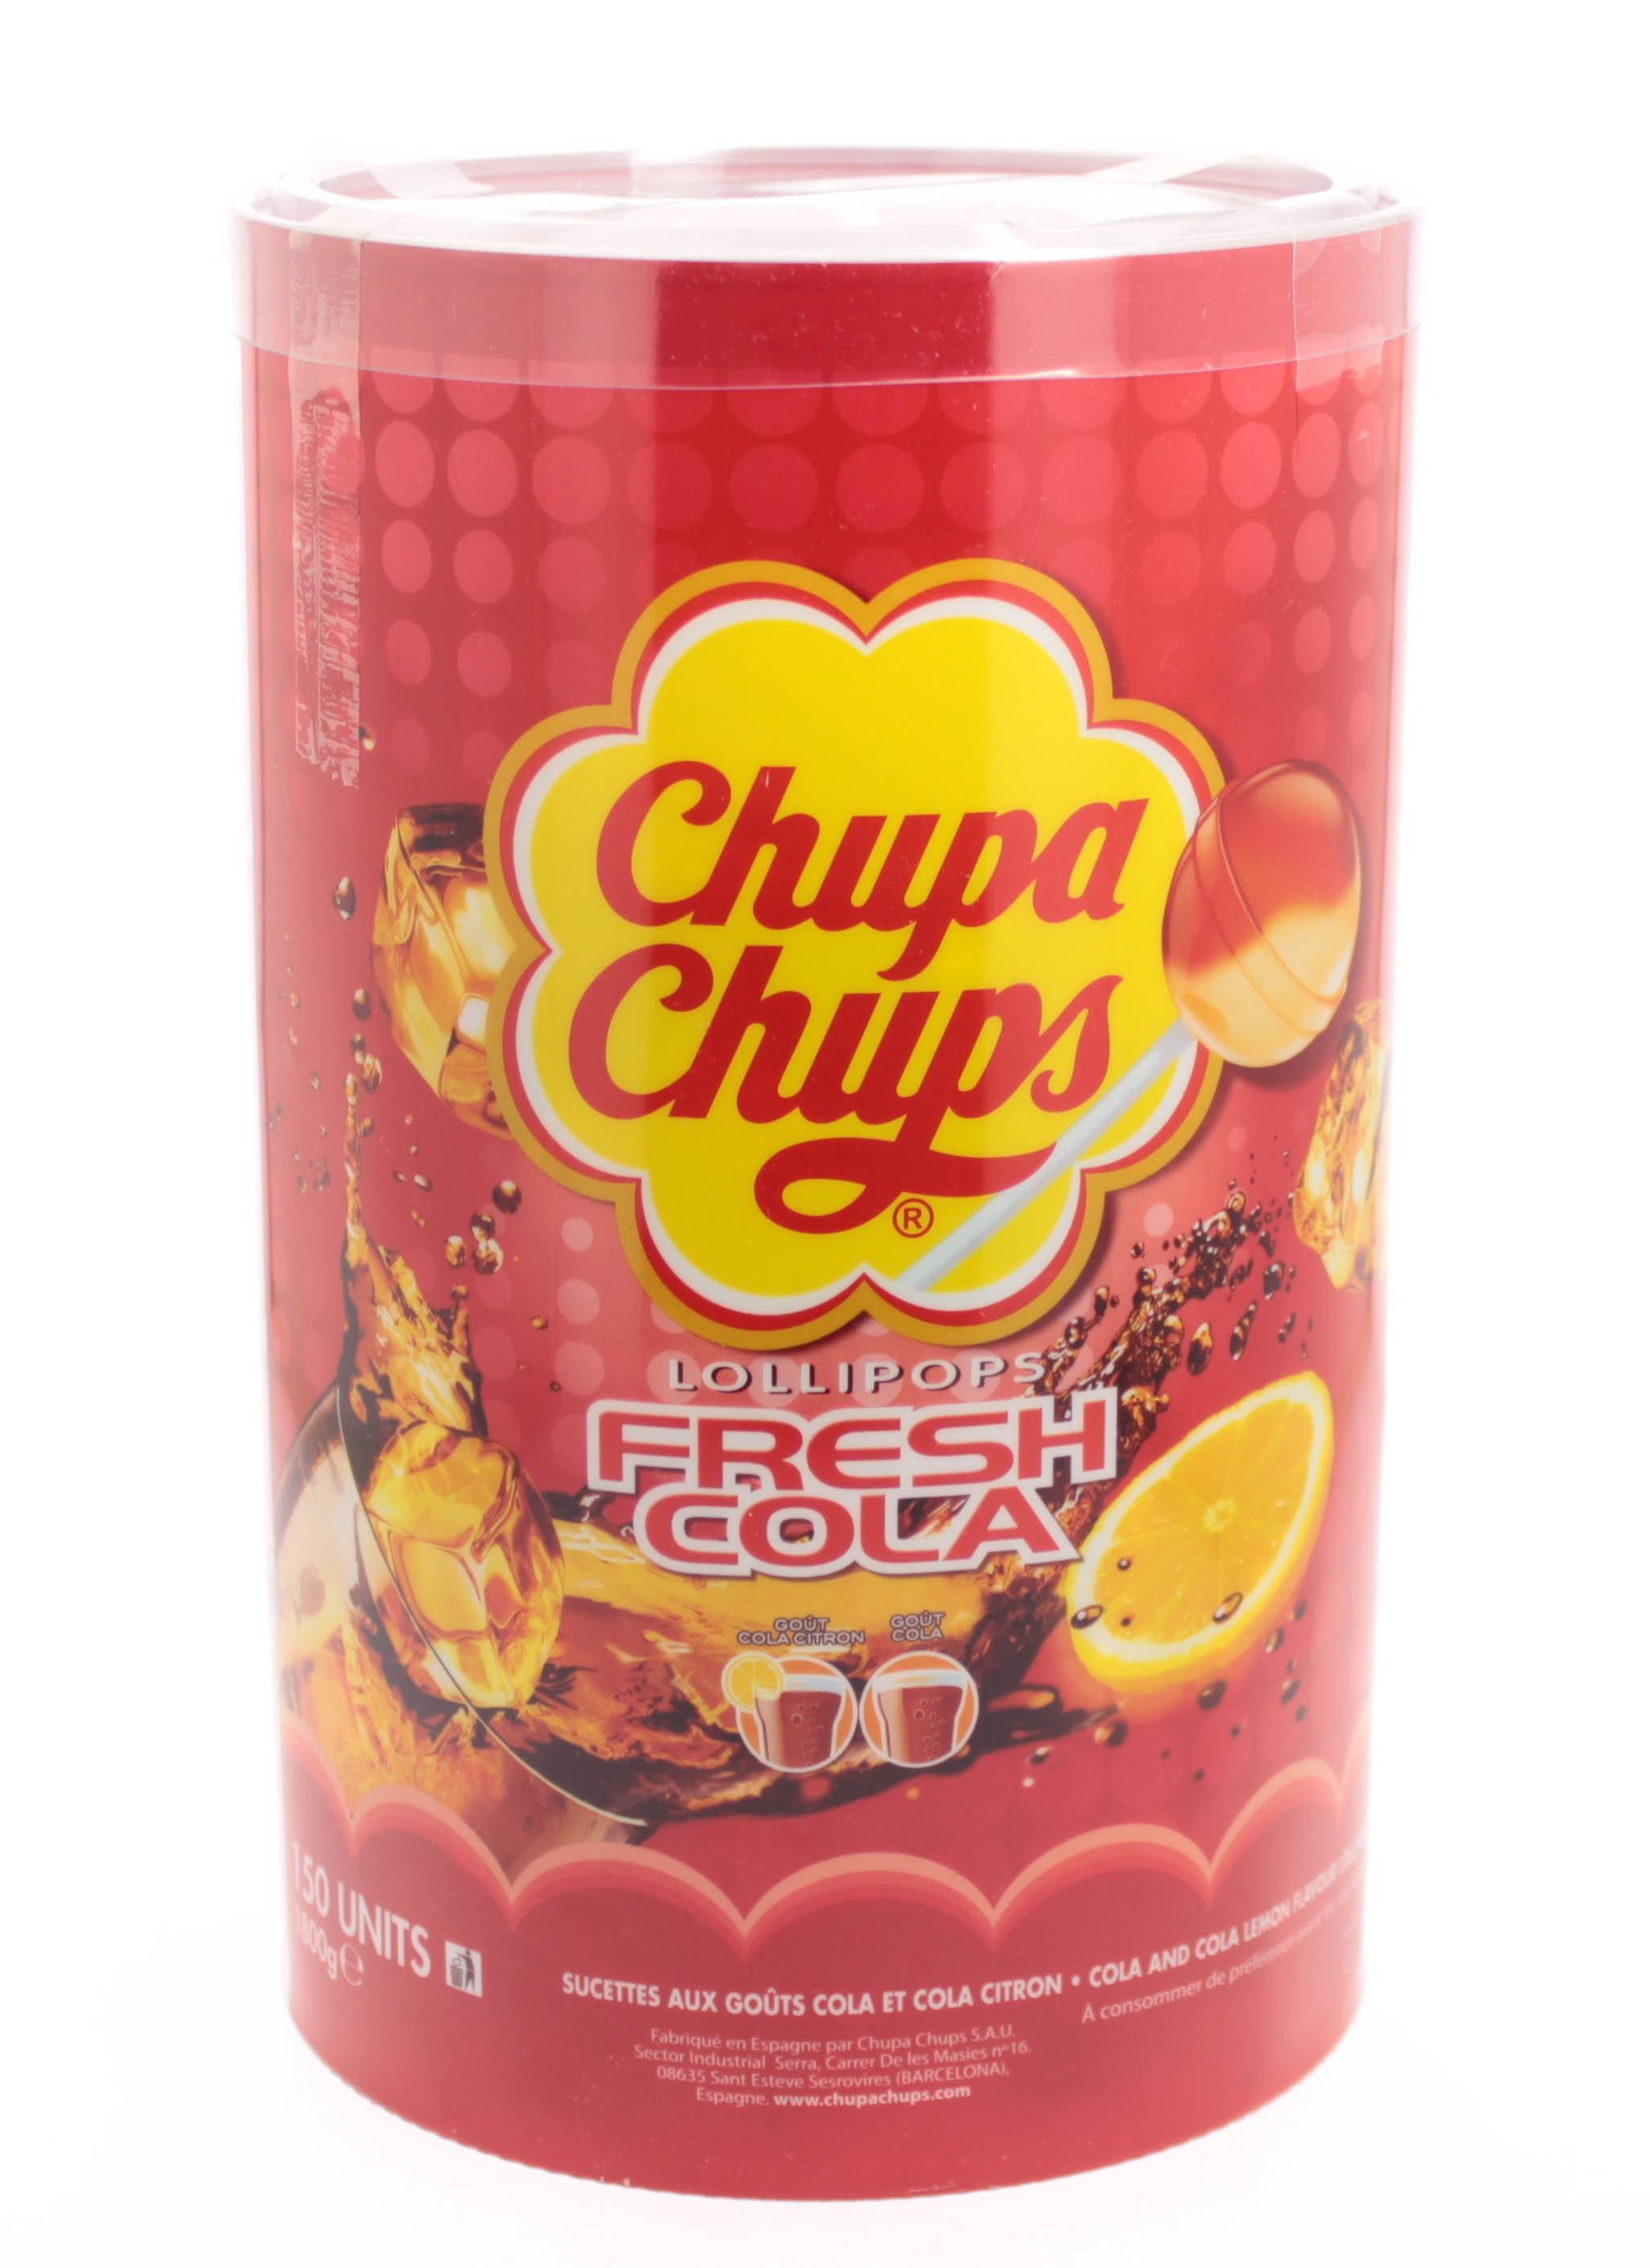 sucette-chupa-chups-goût-cola